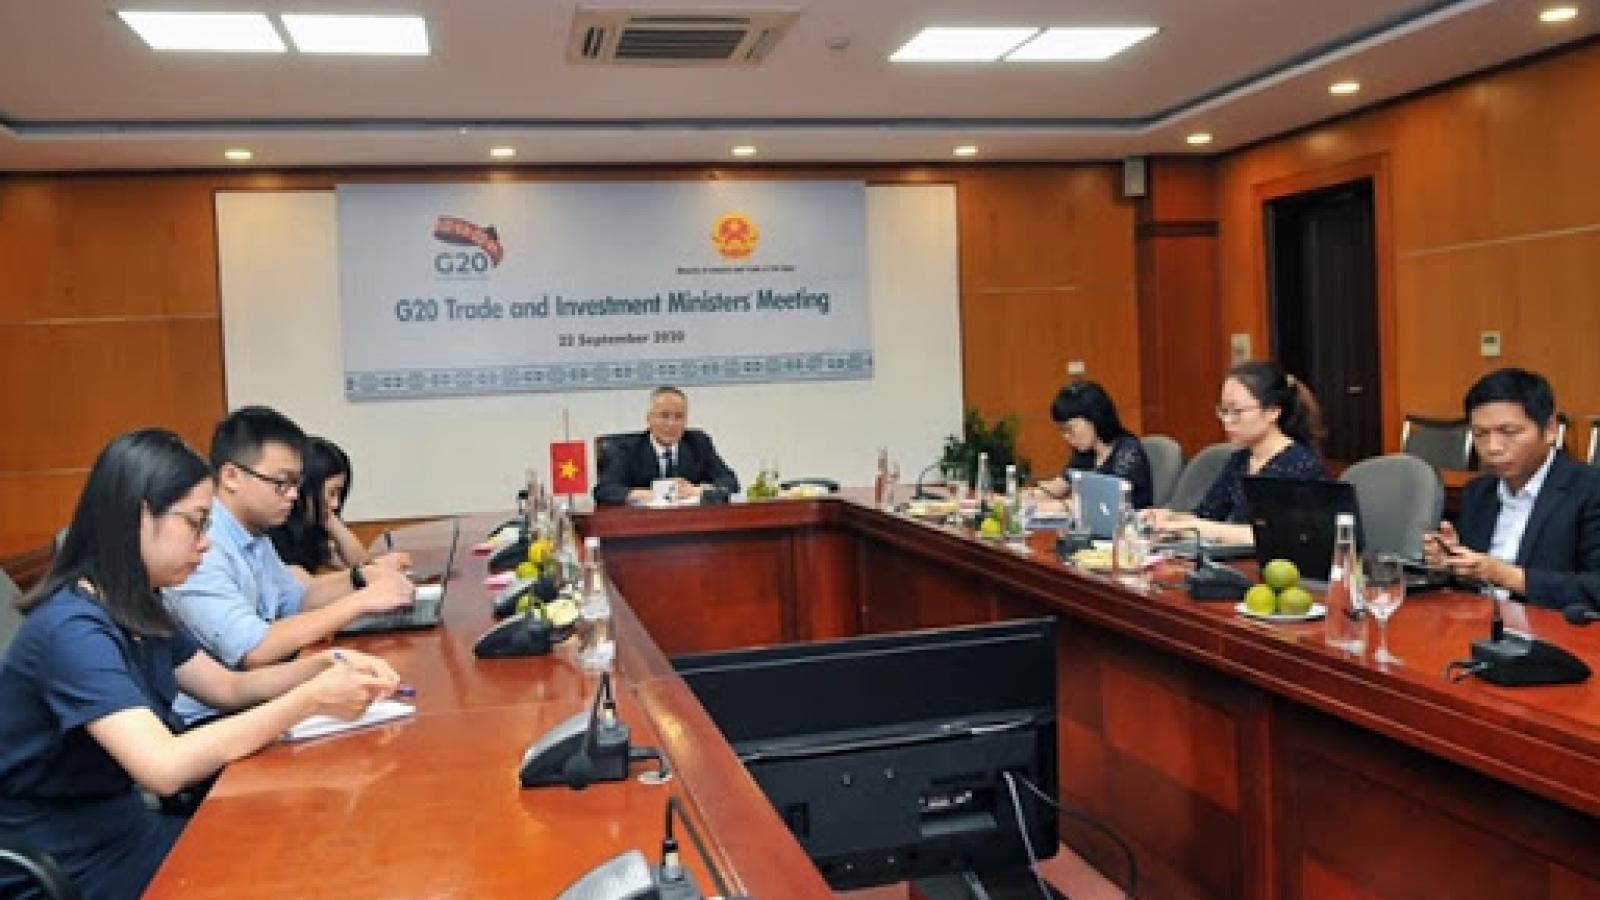 Bộ trưởng Thương mại G20 cam kết nỗ lực phục hồi kinh tế toàn cầu ảnh hưởng vì Covid-19